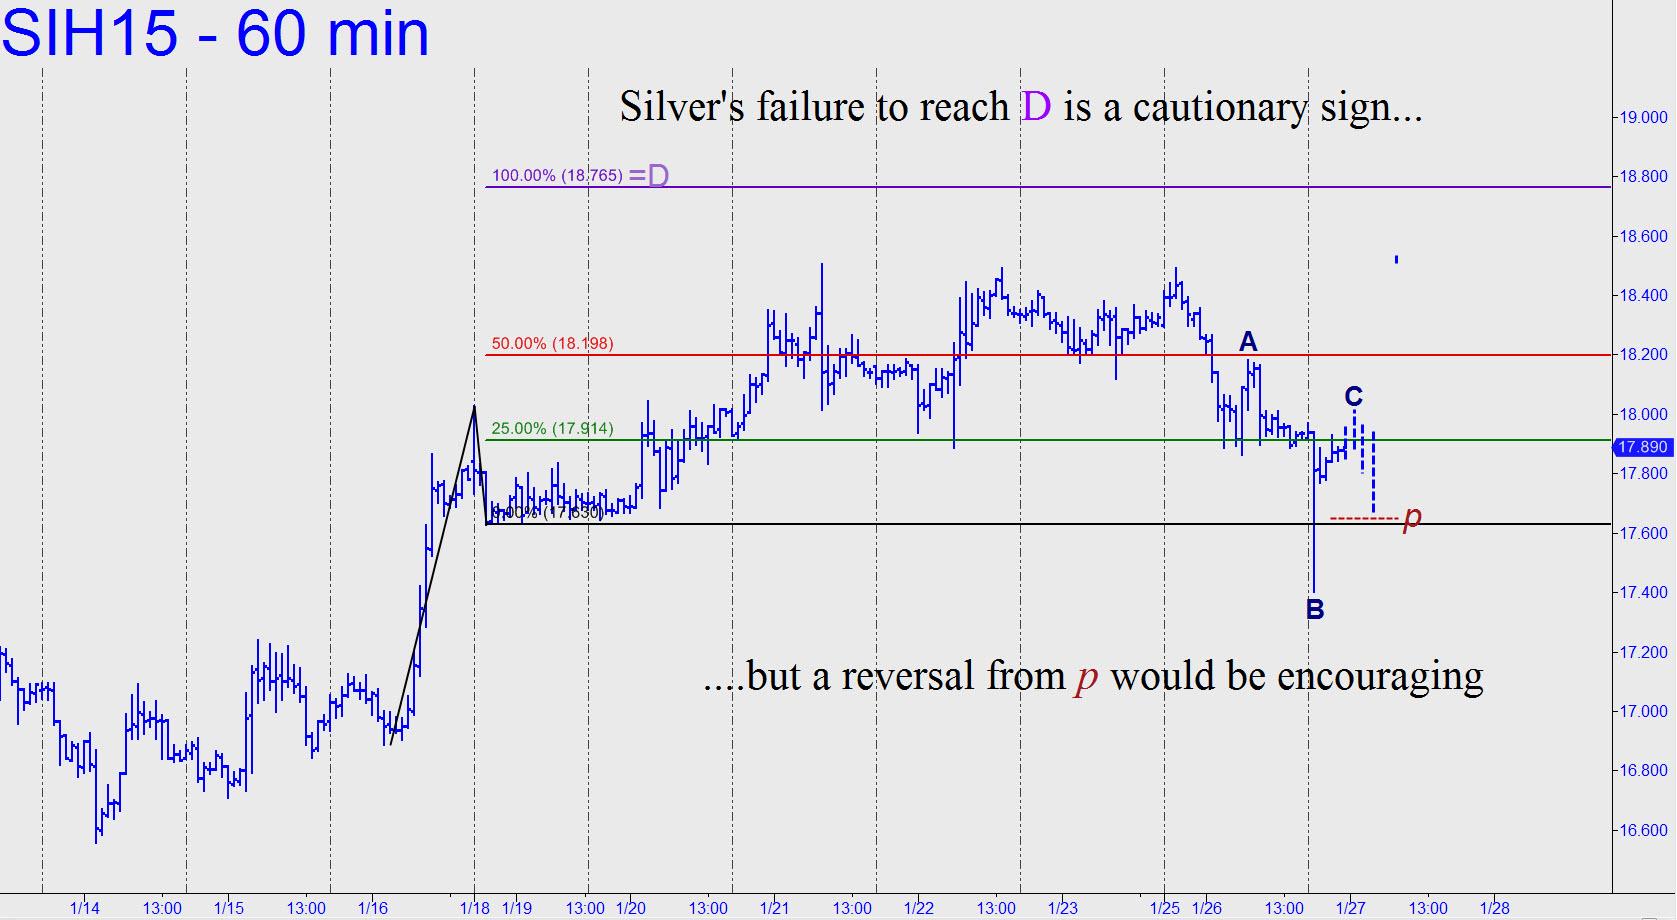 prix de l'or, de l'argent et des minières / suivi 2015 et ultérieurement Silvers-failure-to-reach-D